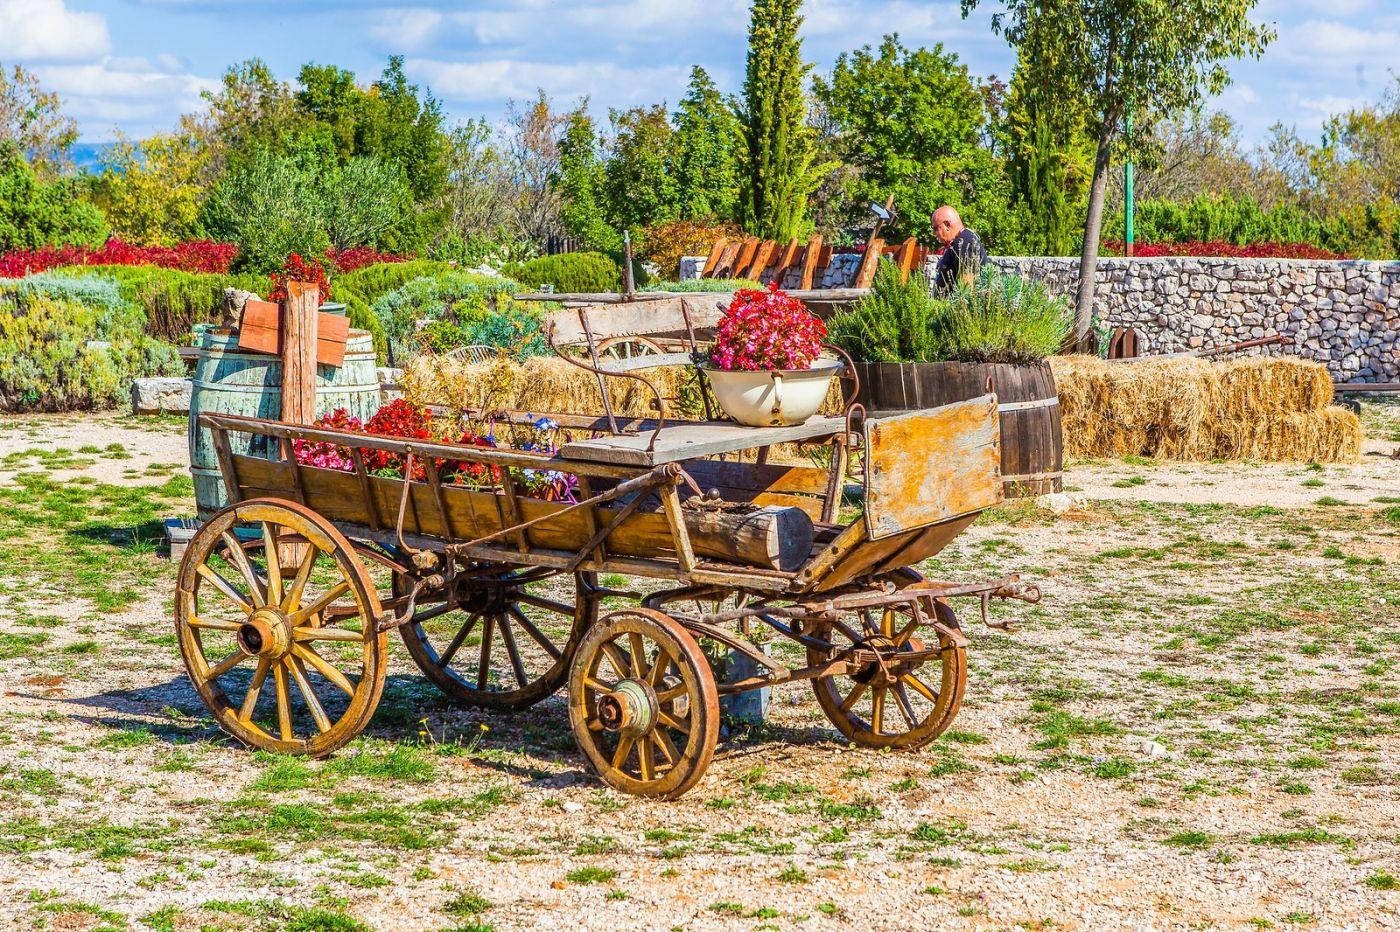 克罗地亚达尔马提亚村,独特的地域风貌_图1-13